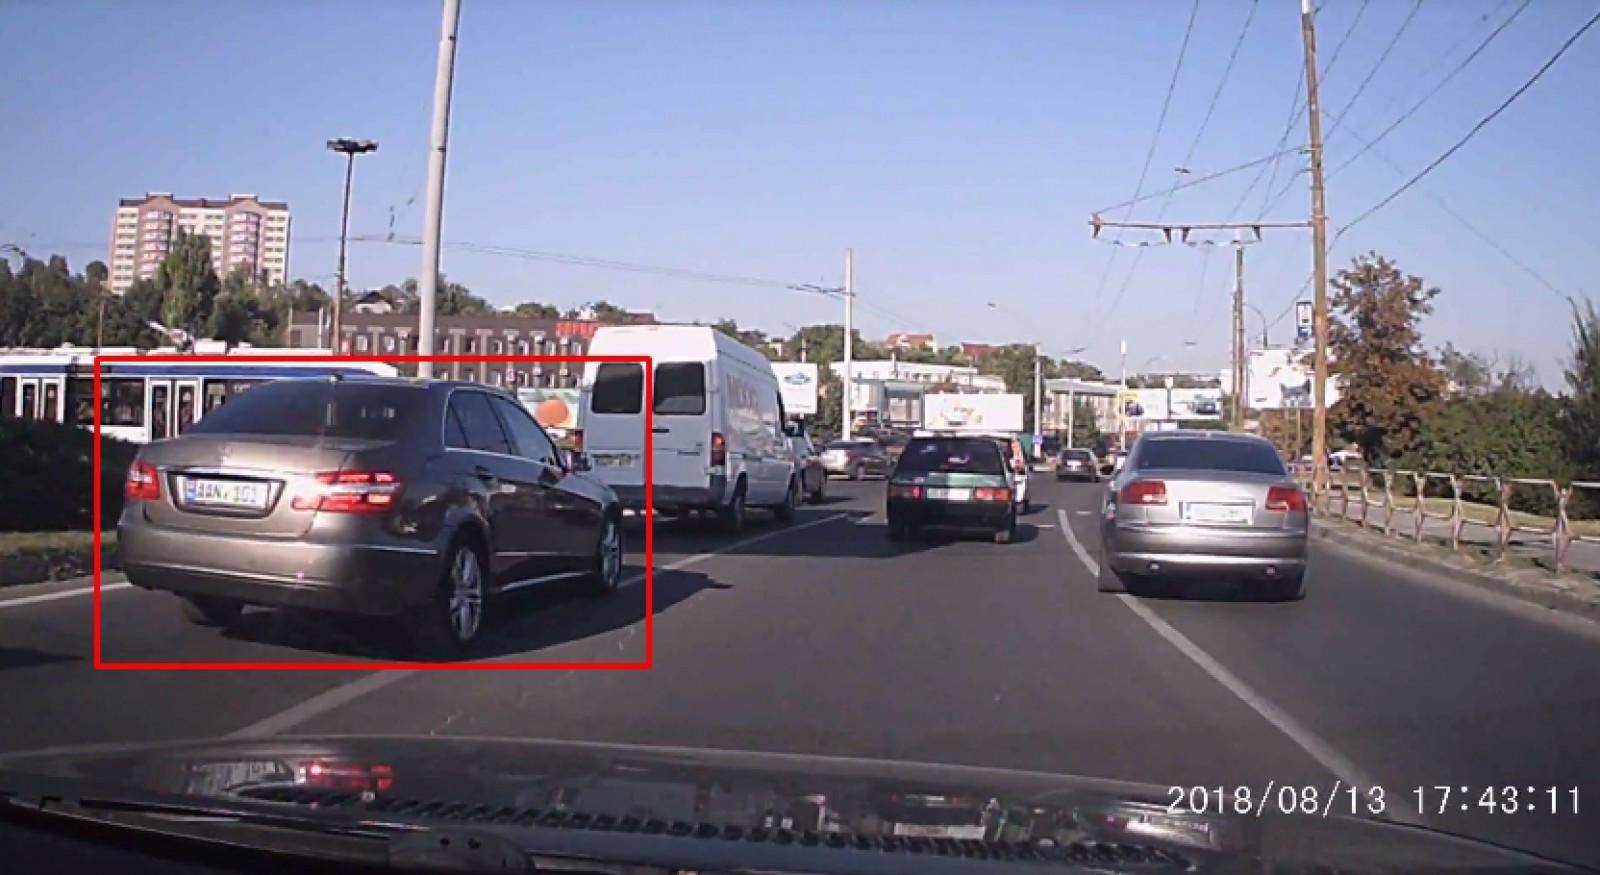 (video) La un pas de accident. Cum un şofer era să intre într-un Mercedes condus de o femeie